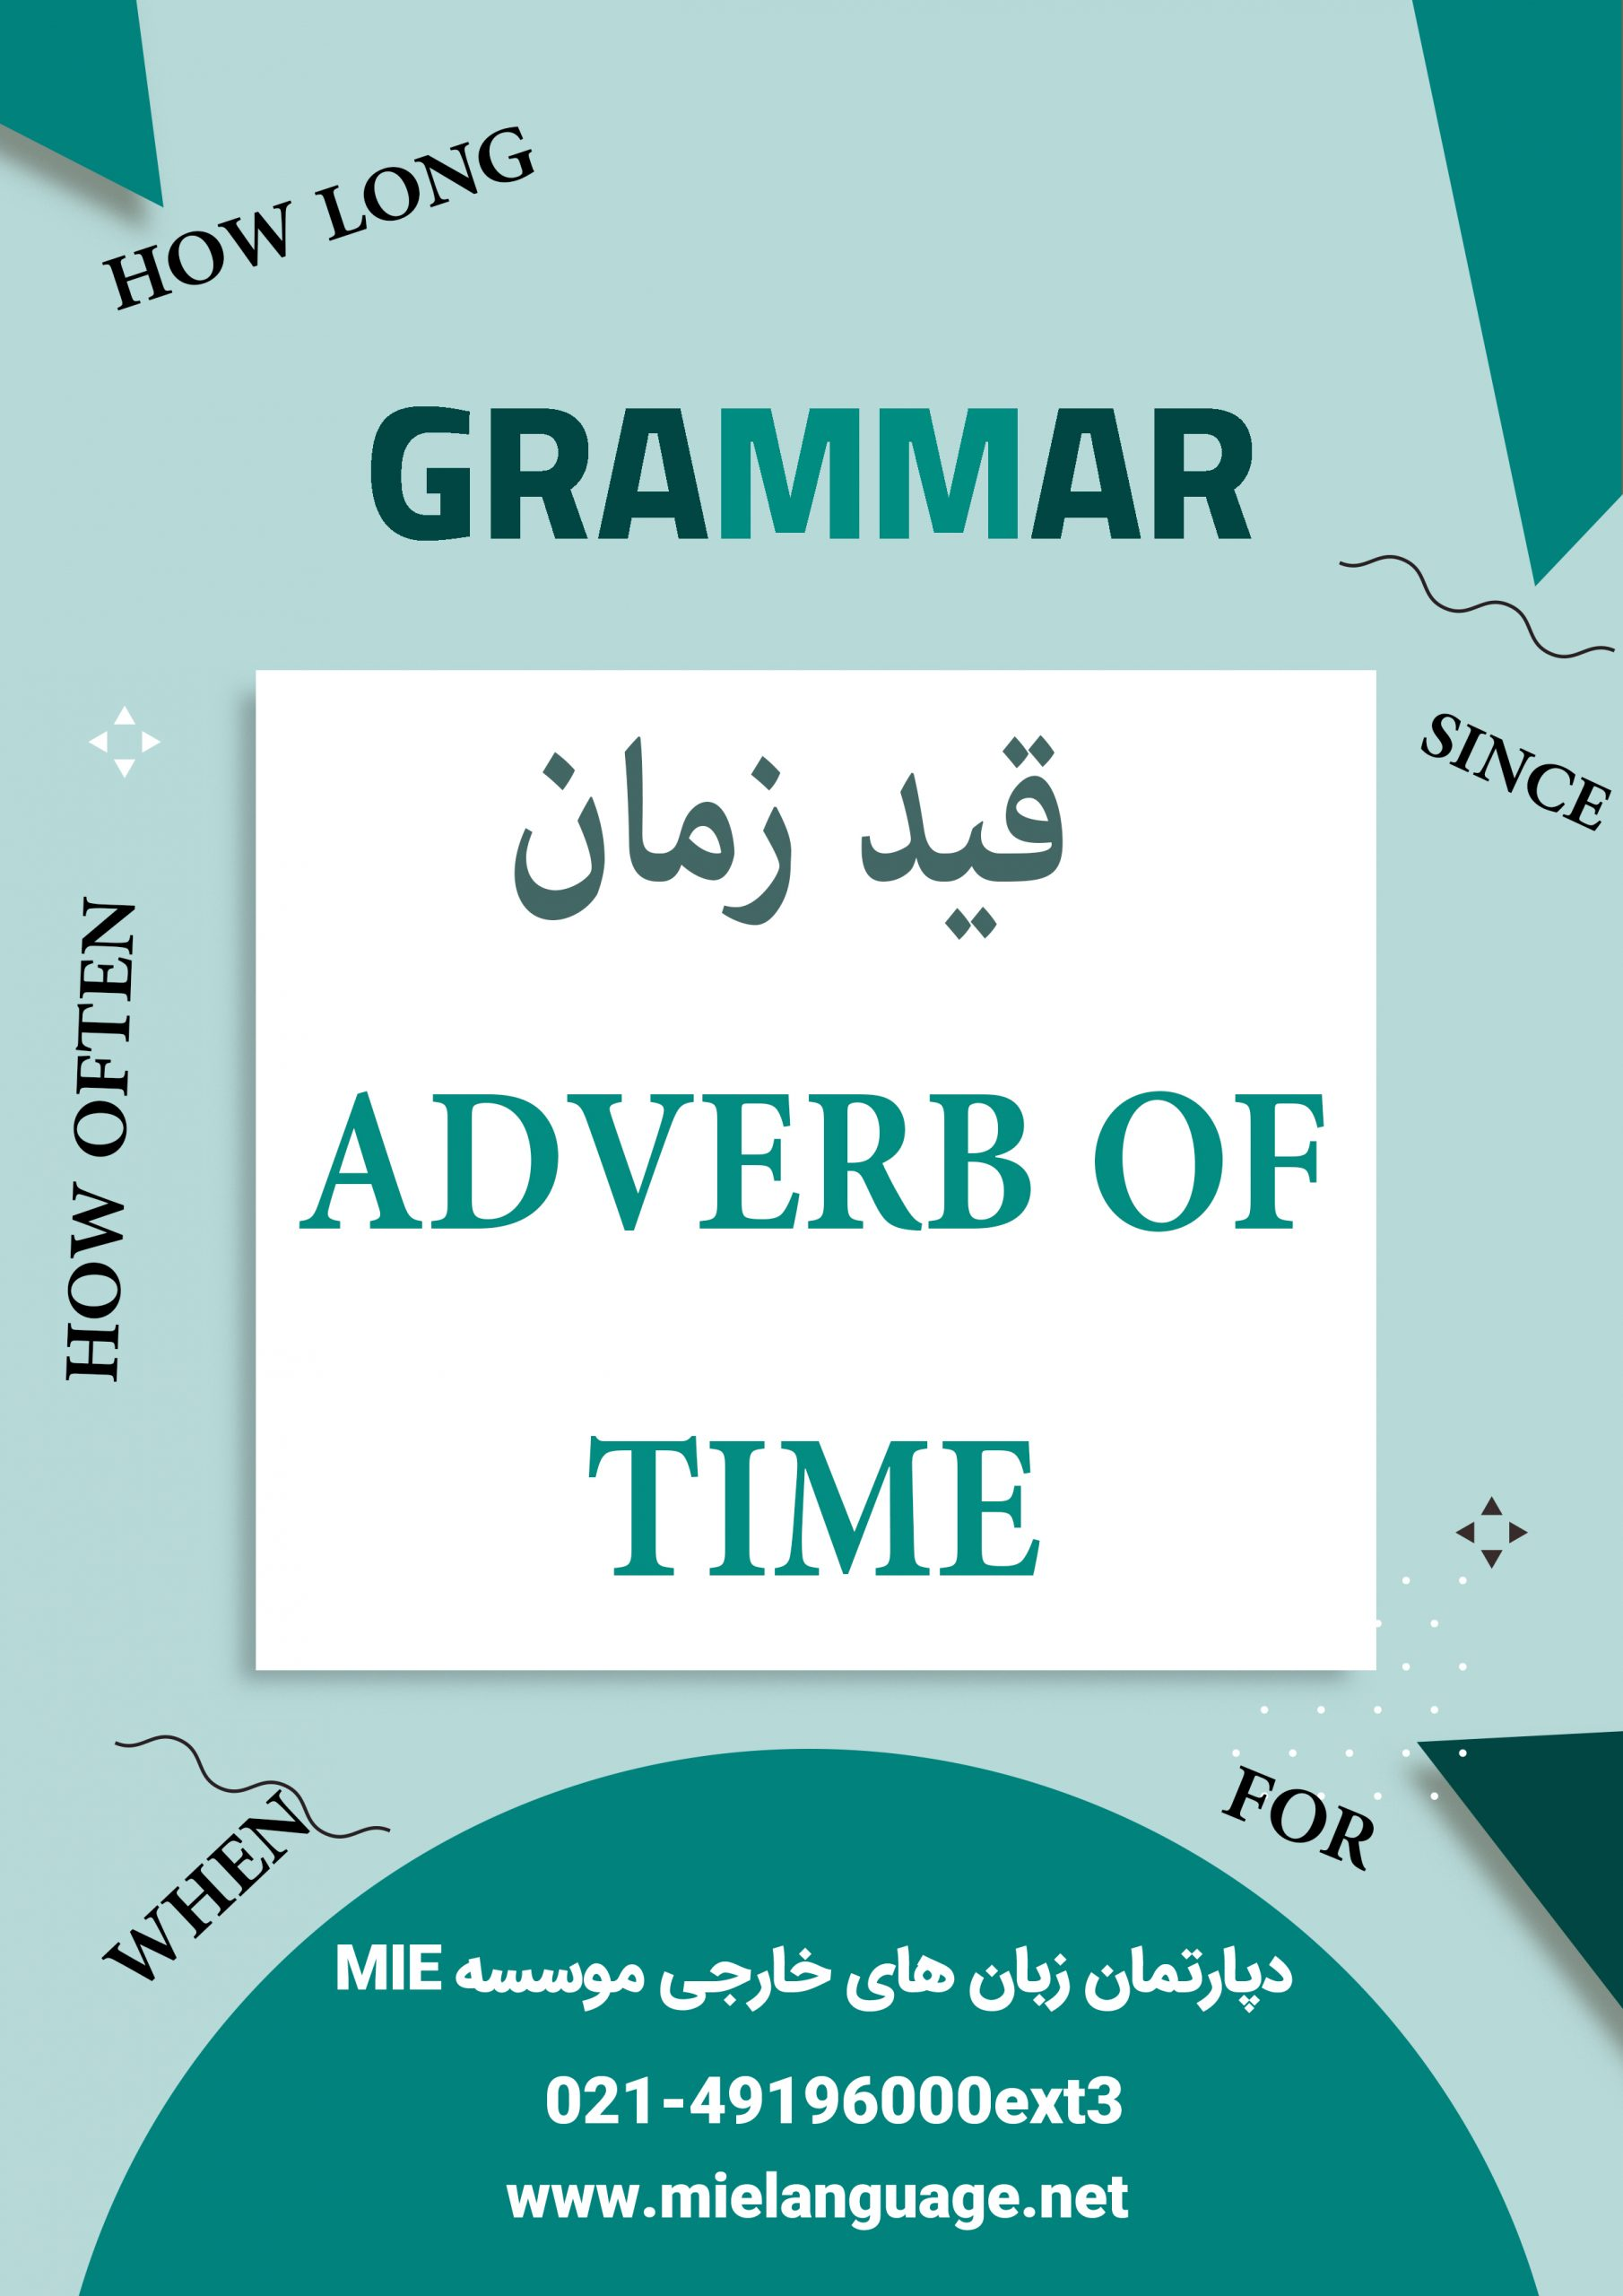 انواع قید زمان در انگلیسی